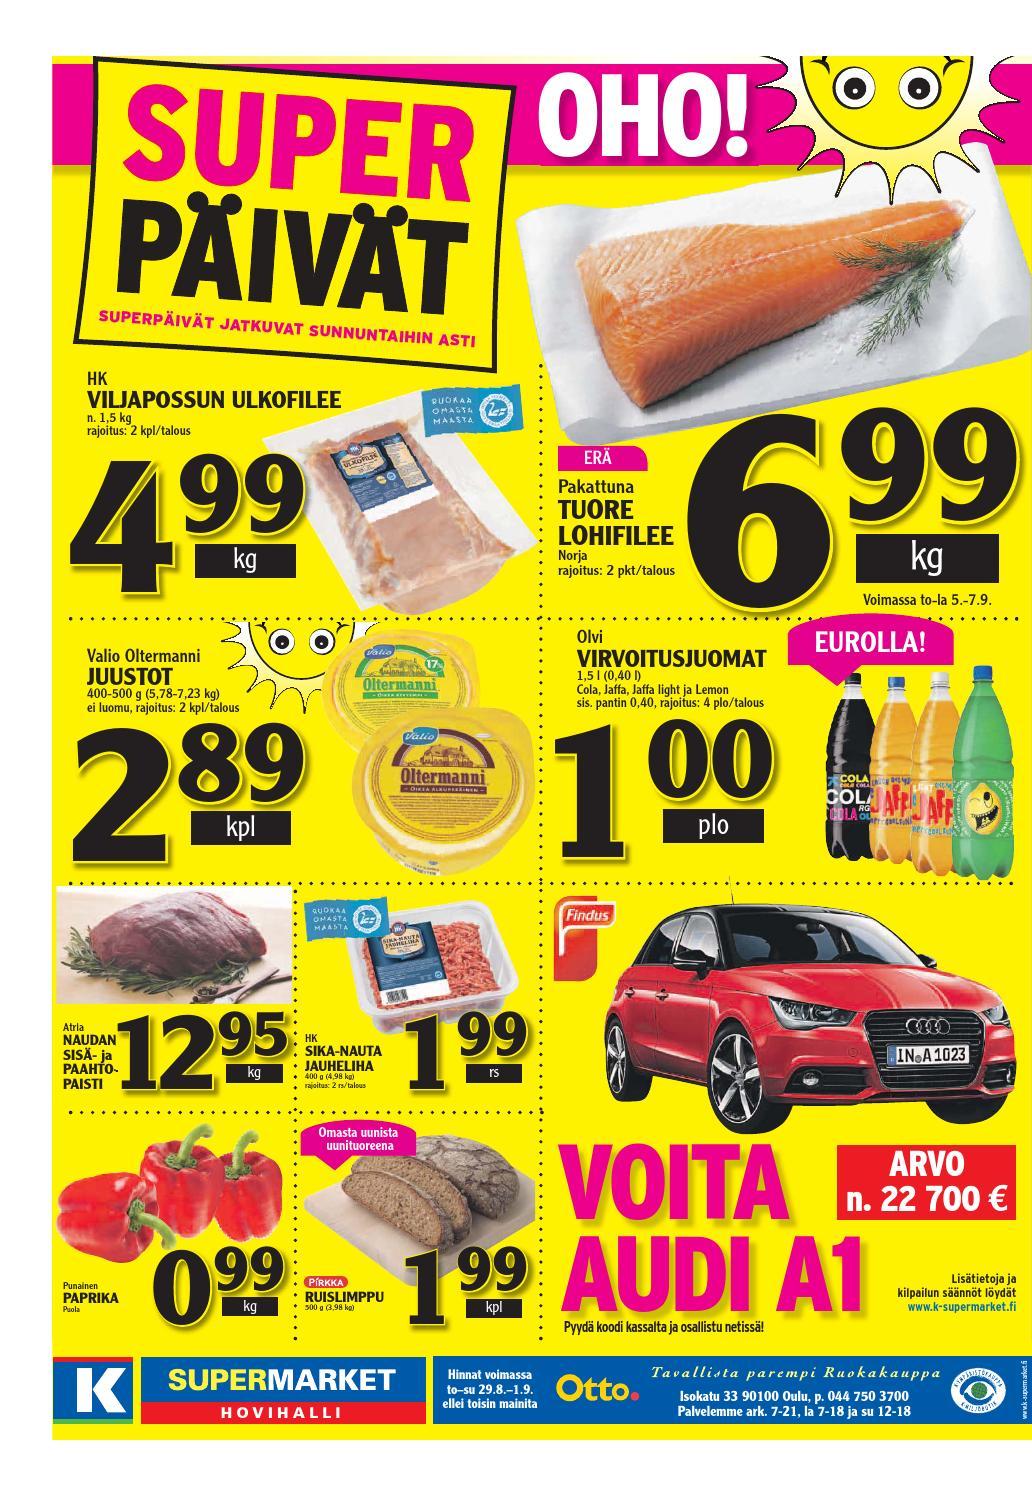 K-Supermarket.Fi Voita Audi